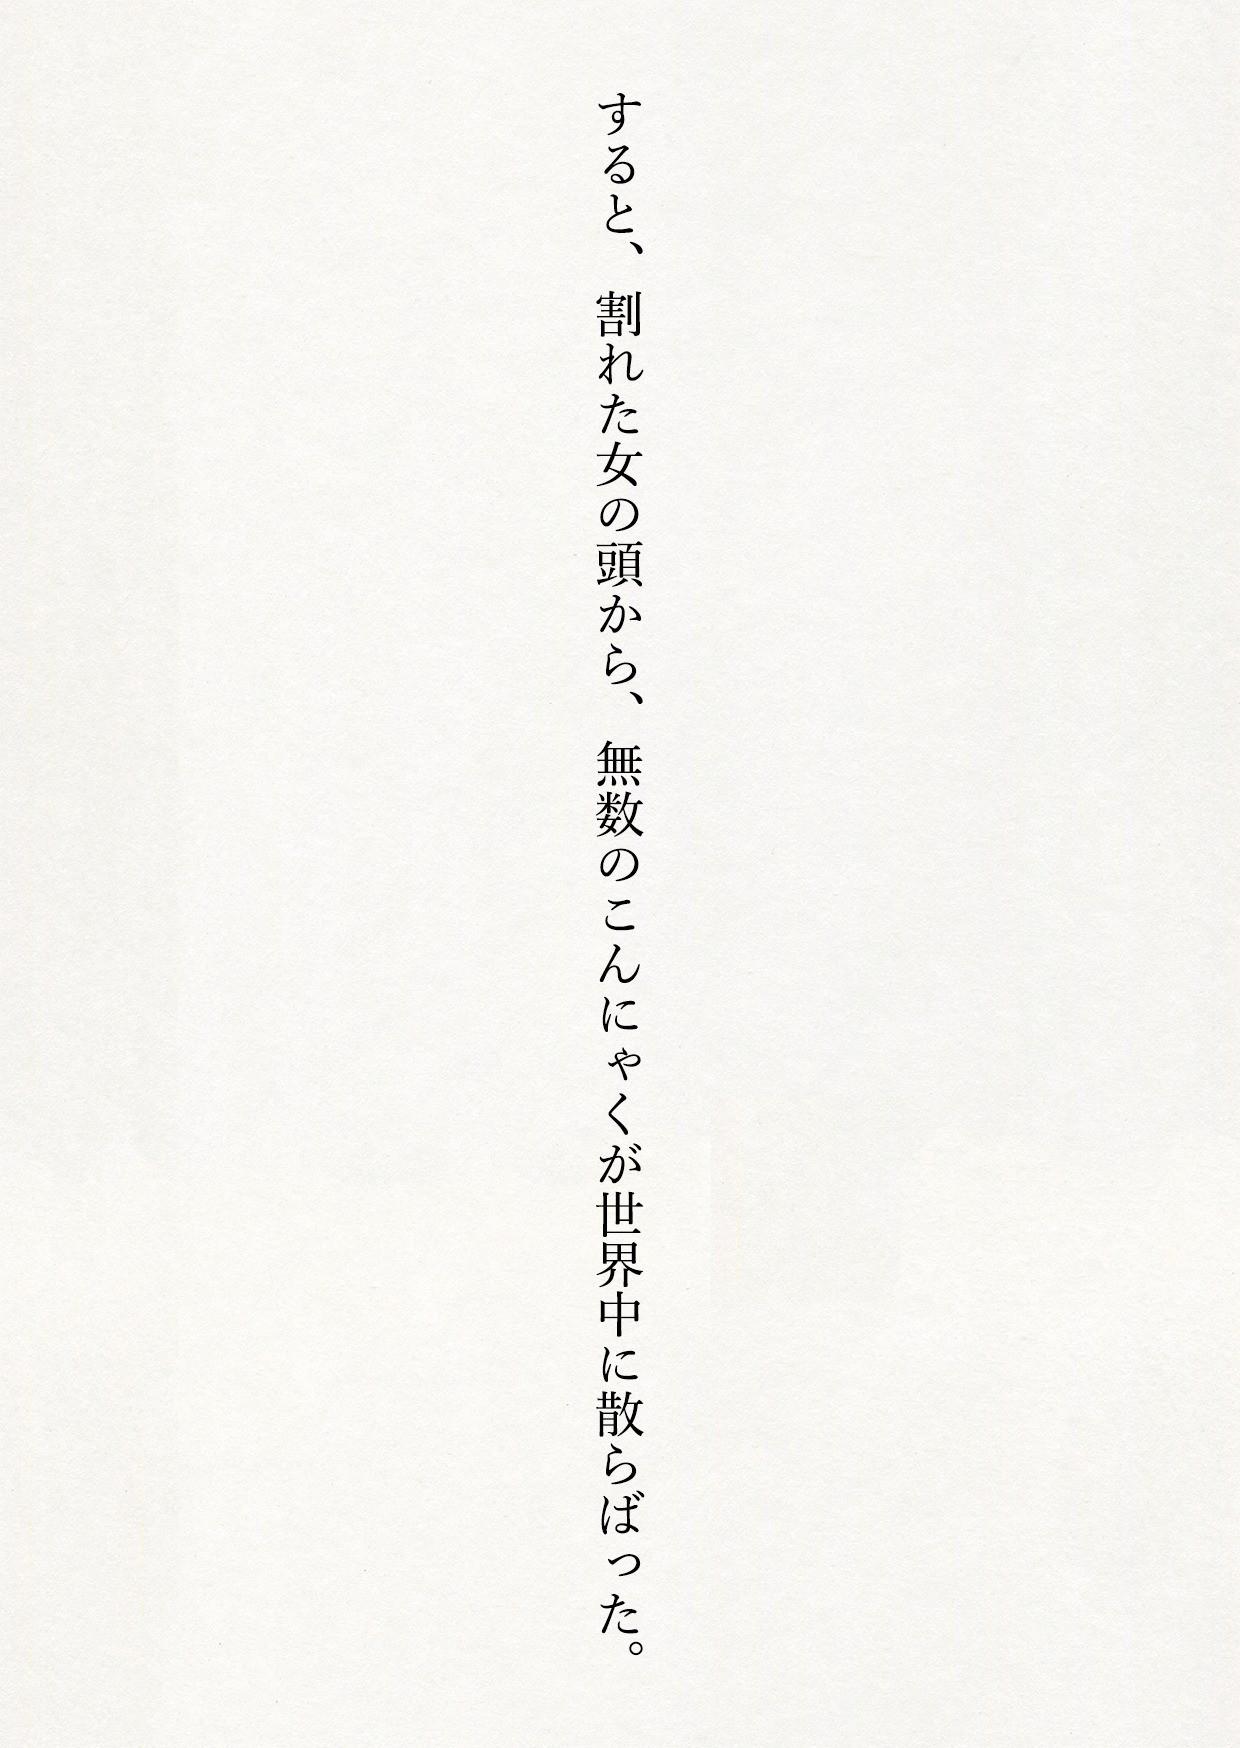 毎日一行ずつ文章を書いたら、どんな物語が生まれるのだろう。マガジンだと順番に読みやすいです→ https://note.mu/momohito/m/ma46d695be9e9